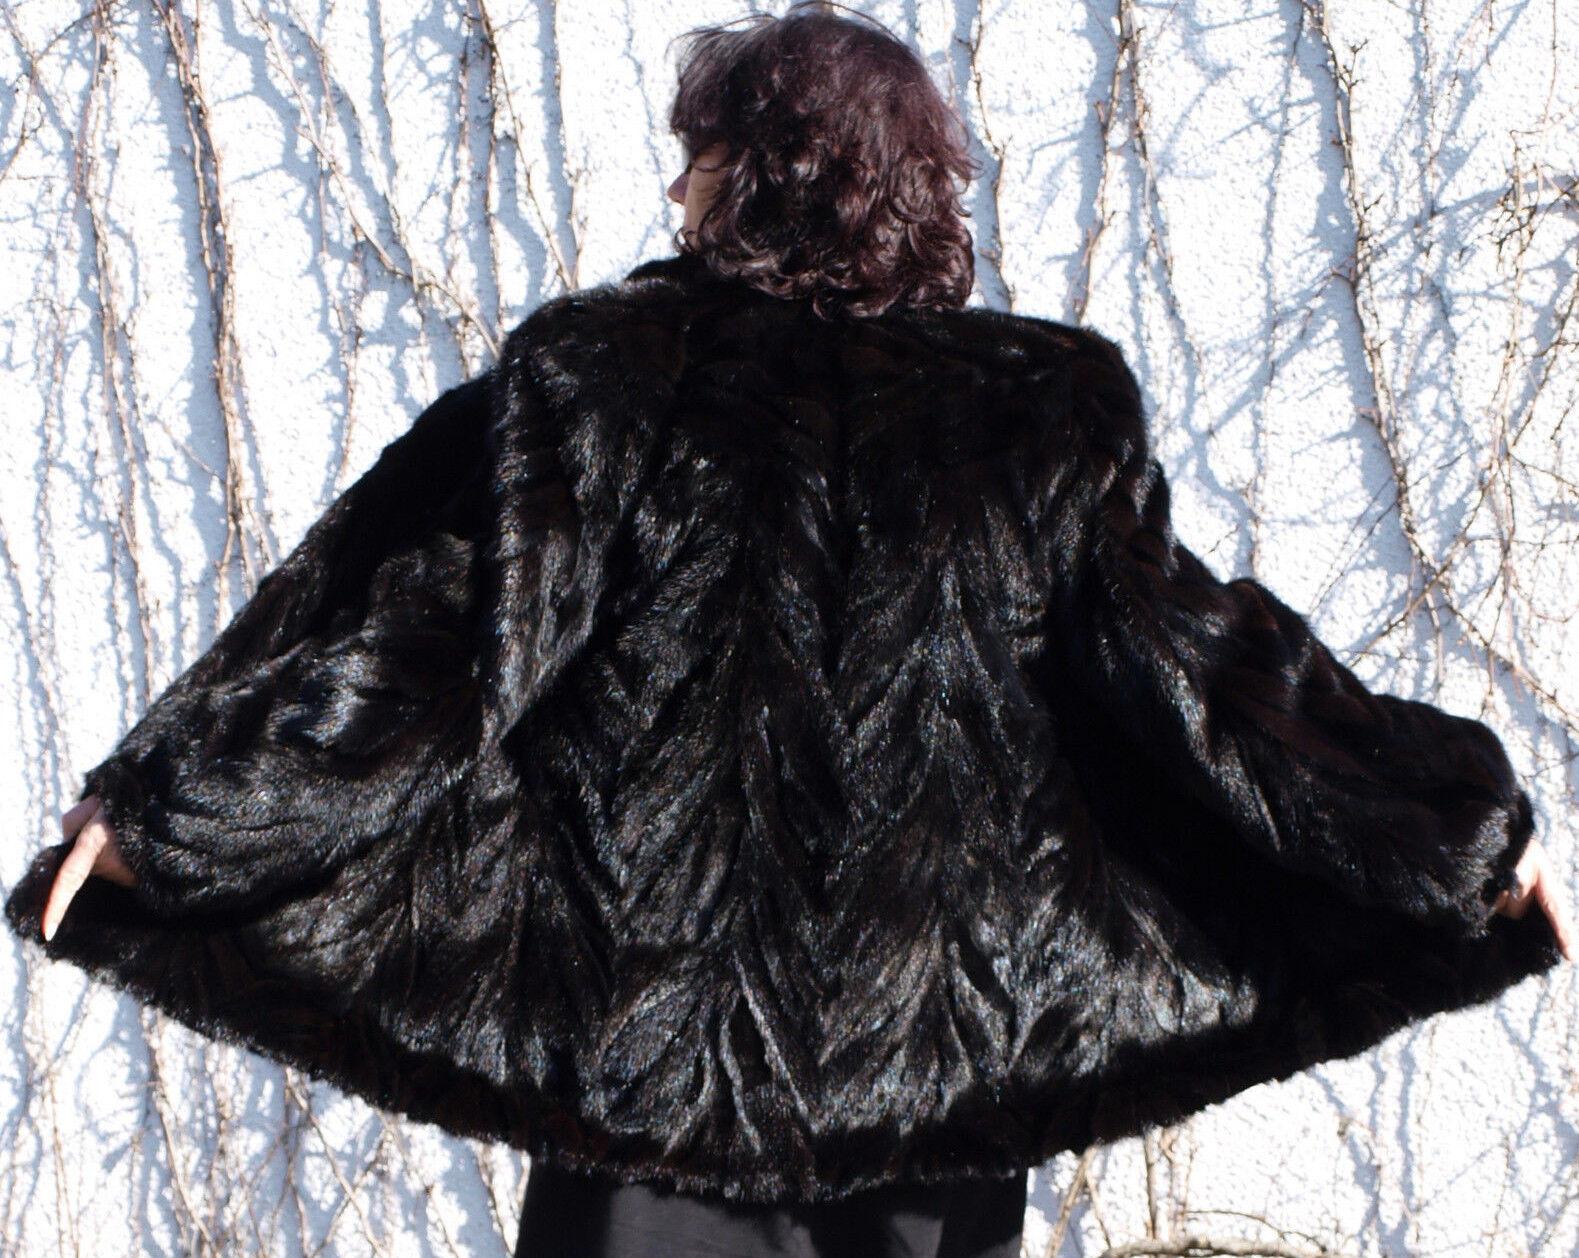 Chaqueta de Visón Piel Moda Invierno Abrigo  Negro marrón  conveniente